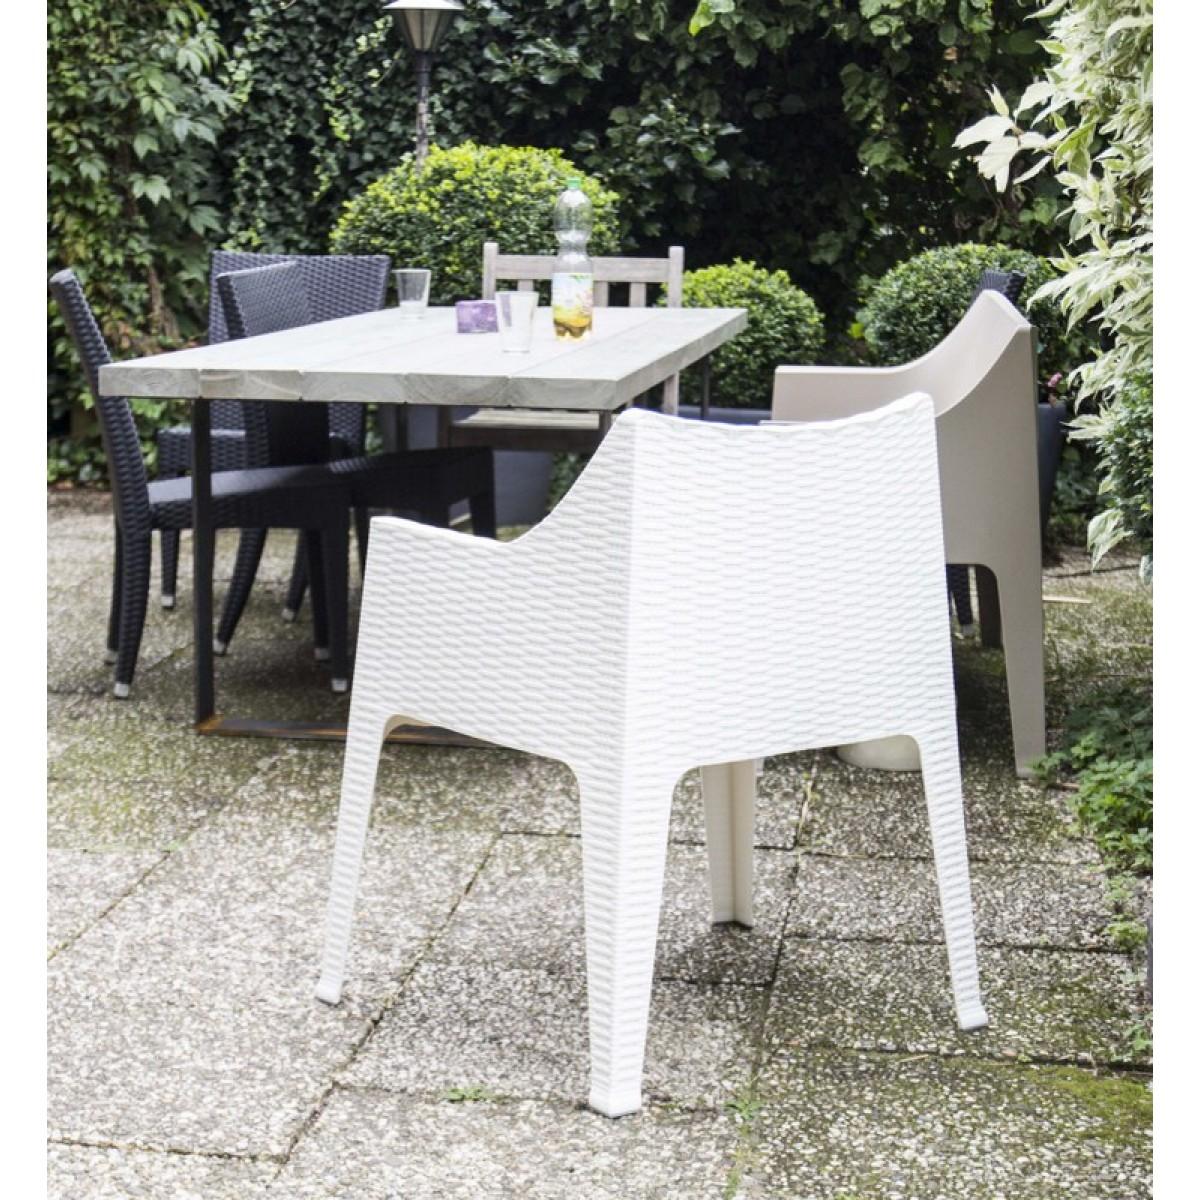 outdoor stuhl wei mit armlehne gartenstuhl wei aus. Black Bedroom Furniture Sets. Home Design Ideas